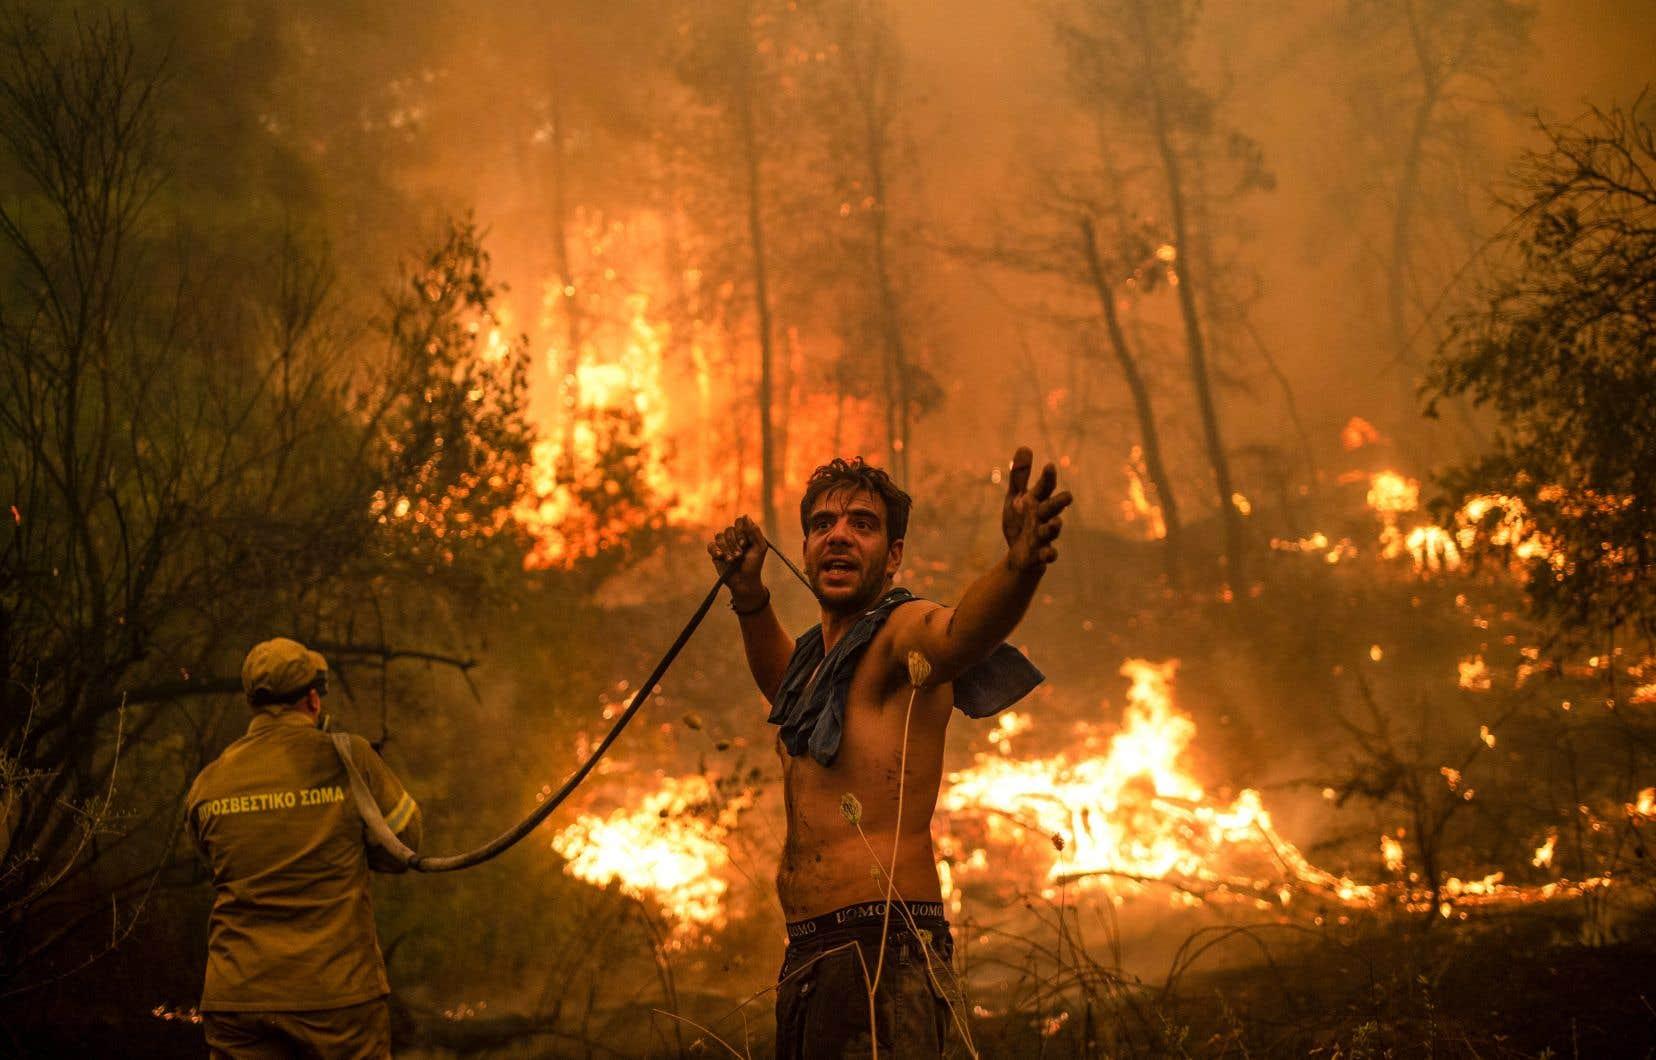 Selon le vice gouverneur d'Eubée, Giorgos Kelaïtzidis, au moins 35000 hectares et des centaines de maisons ont brûlé, laissant les habitants dans une profonde détresse.